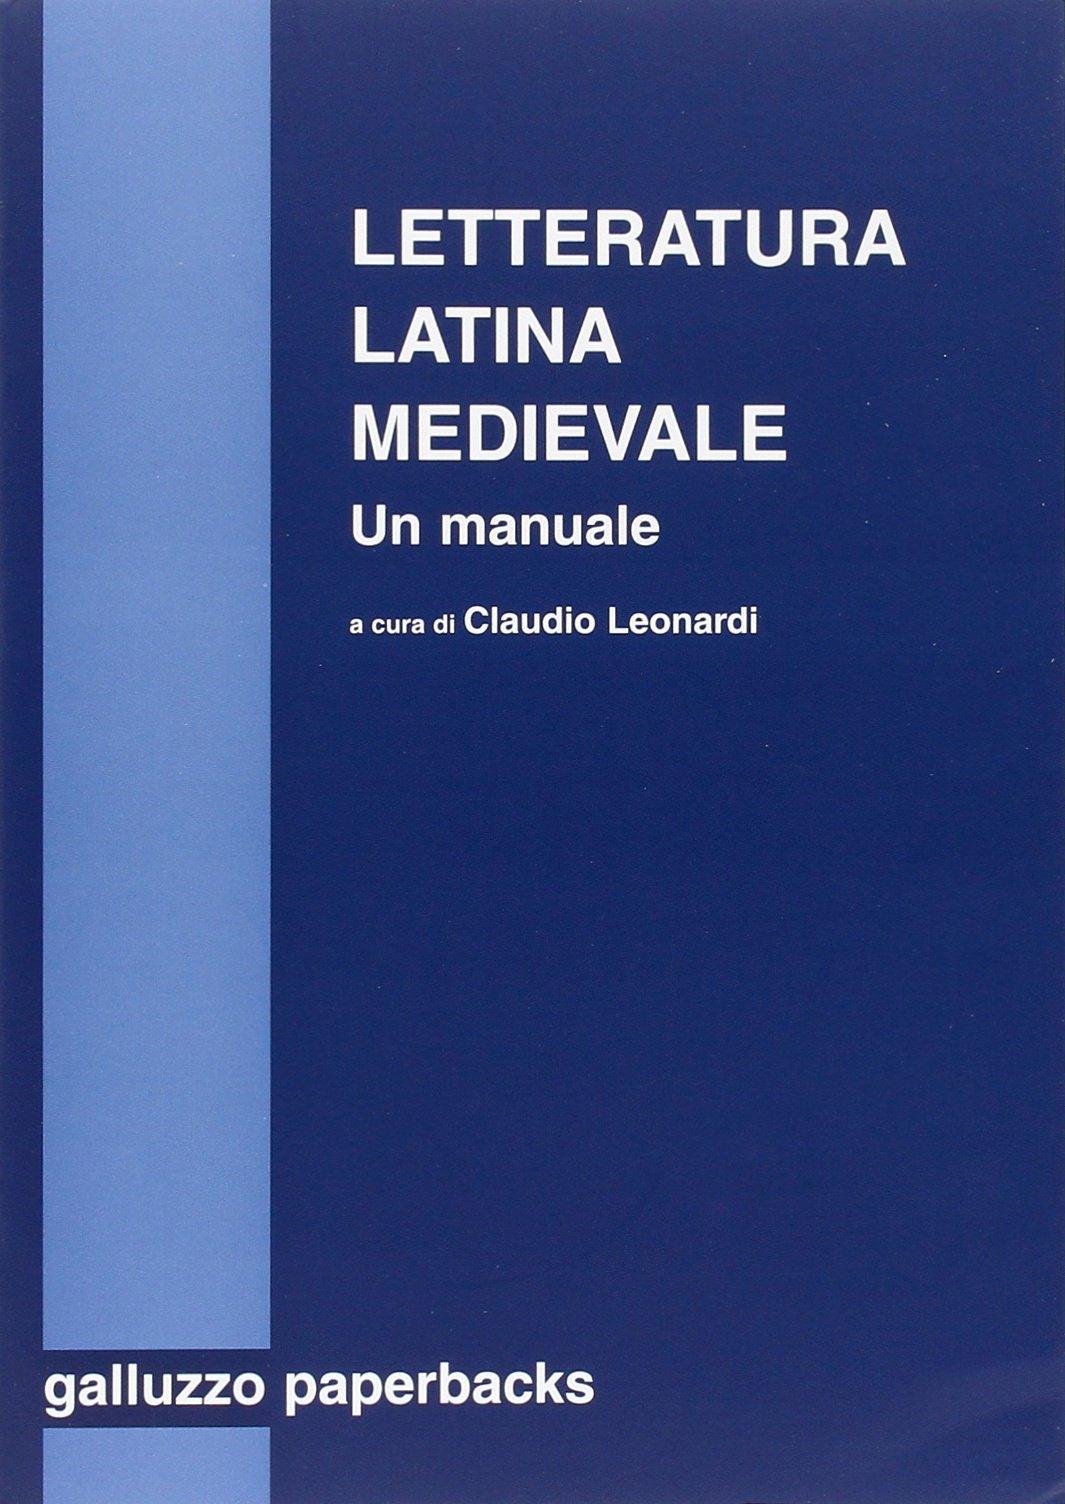 Letteratura latina medievale (secc. VI-XV). Un manuale